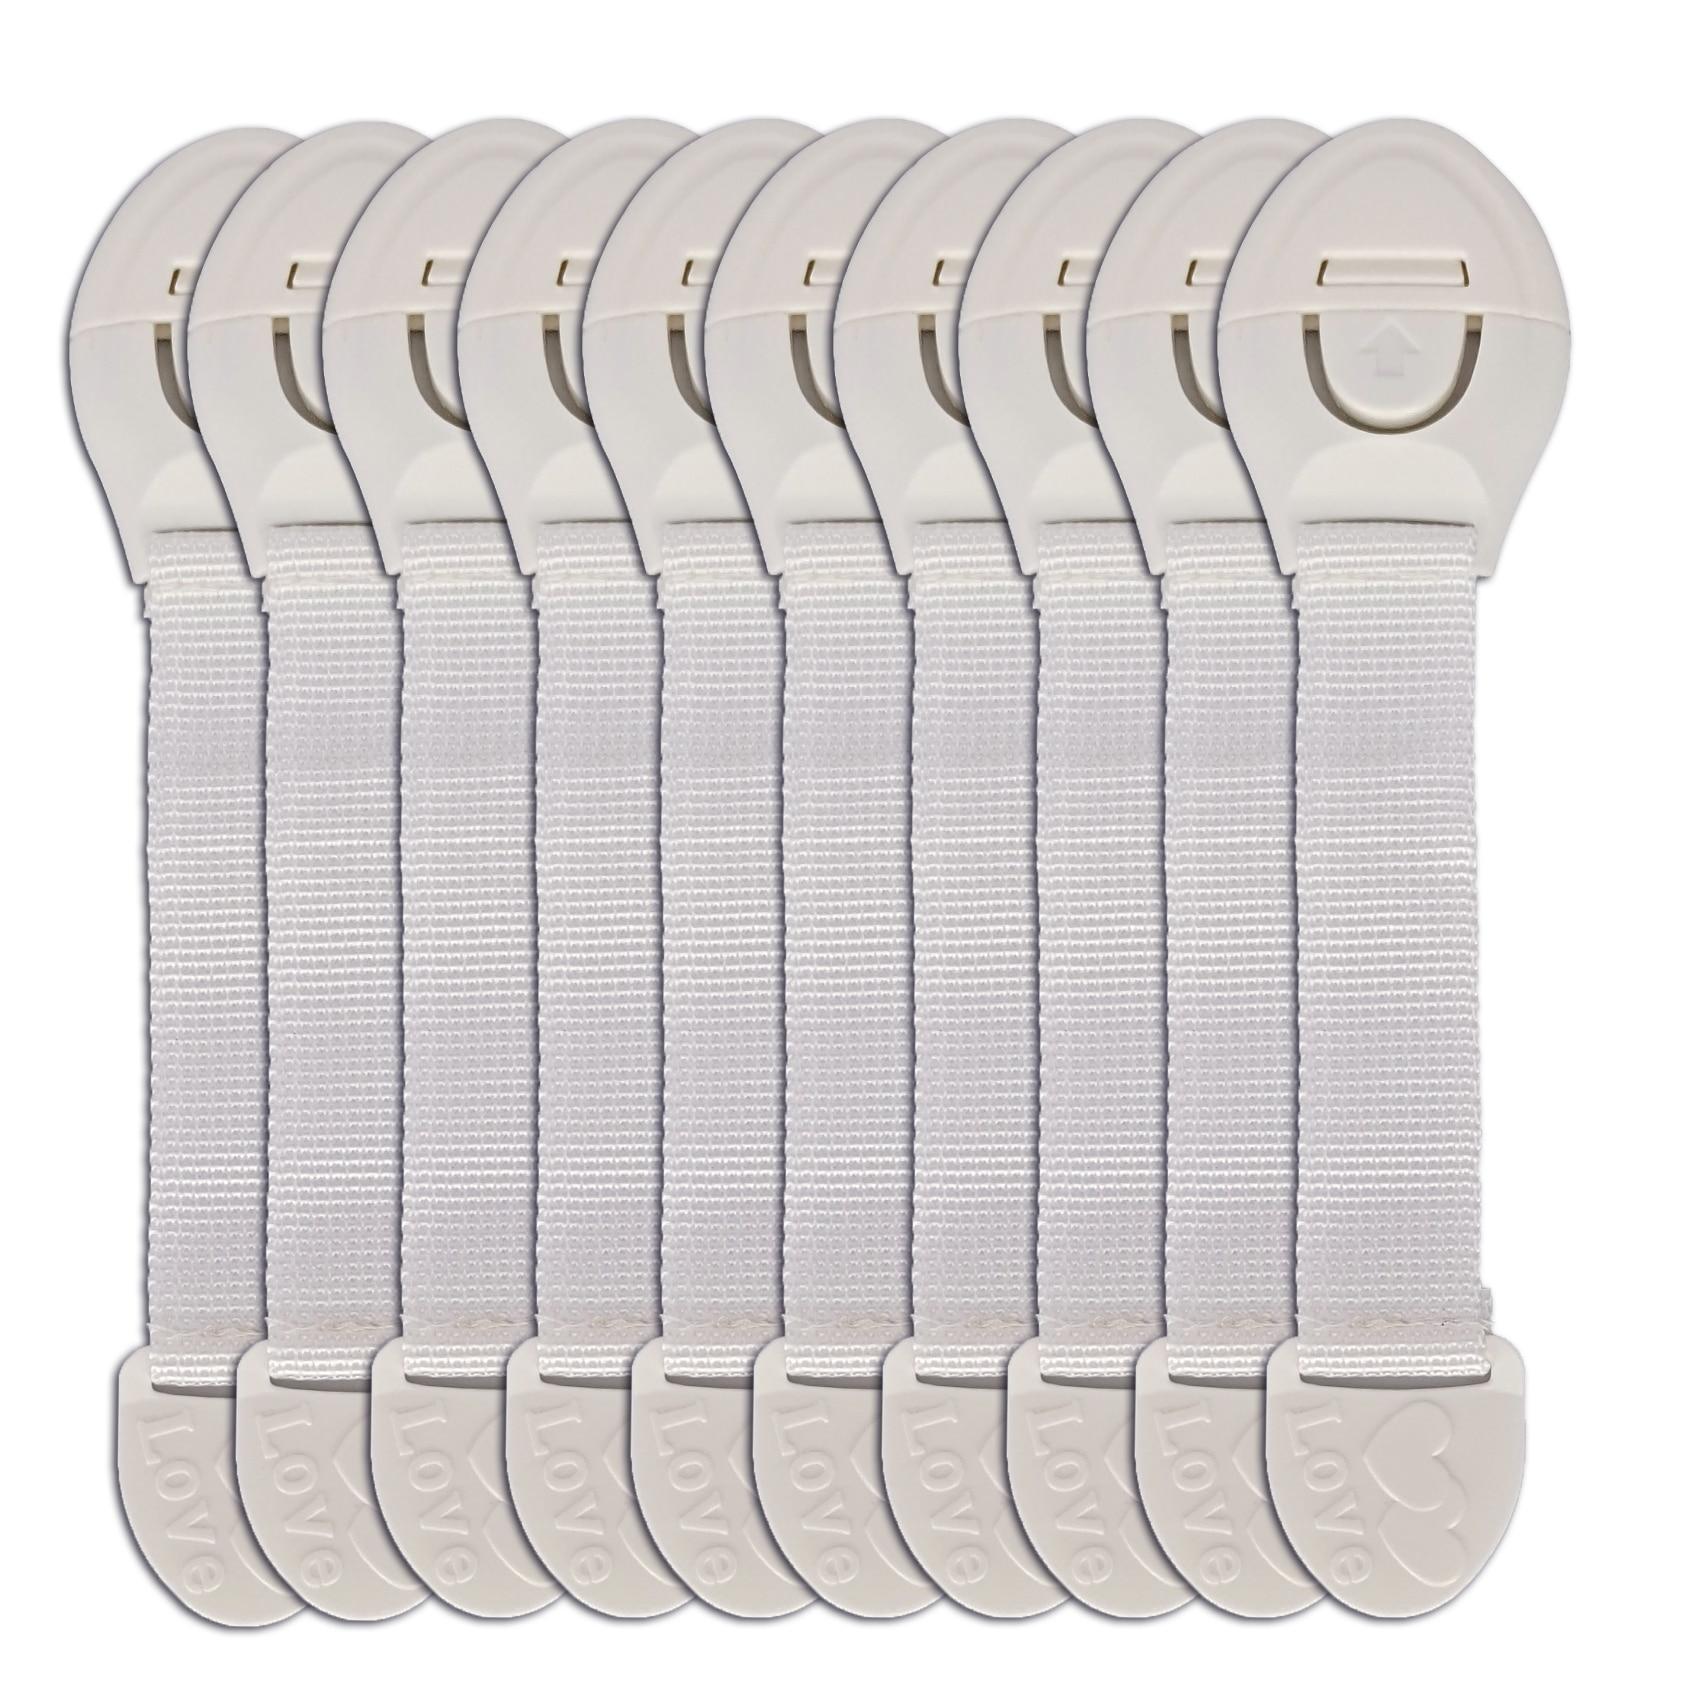 10 шт., блокираторы дверей шкафов для детской безопасности